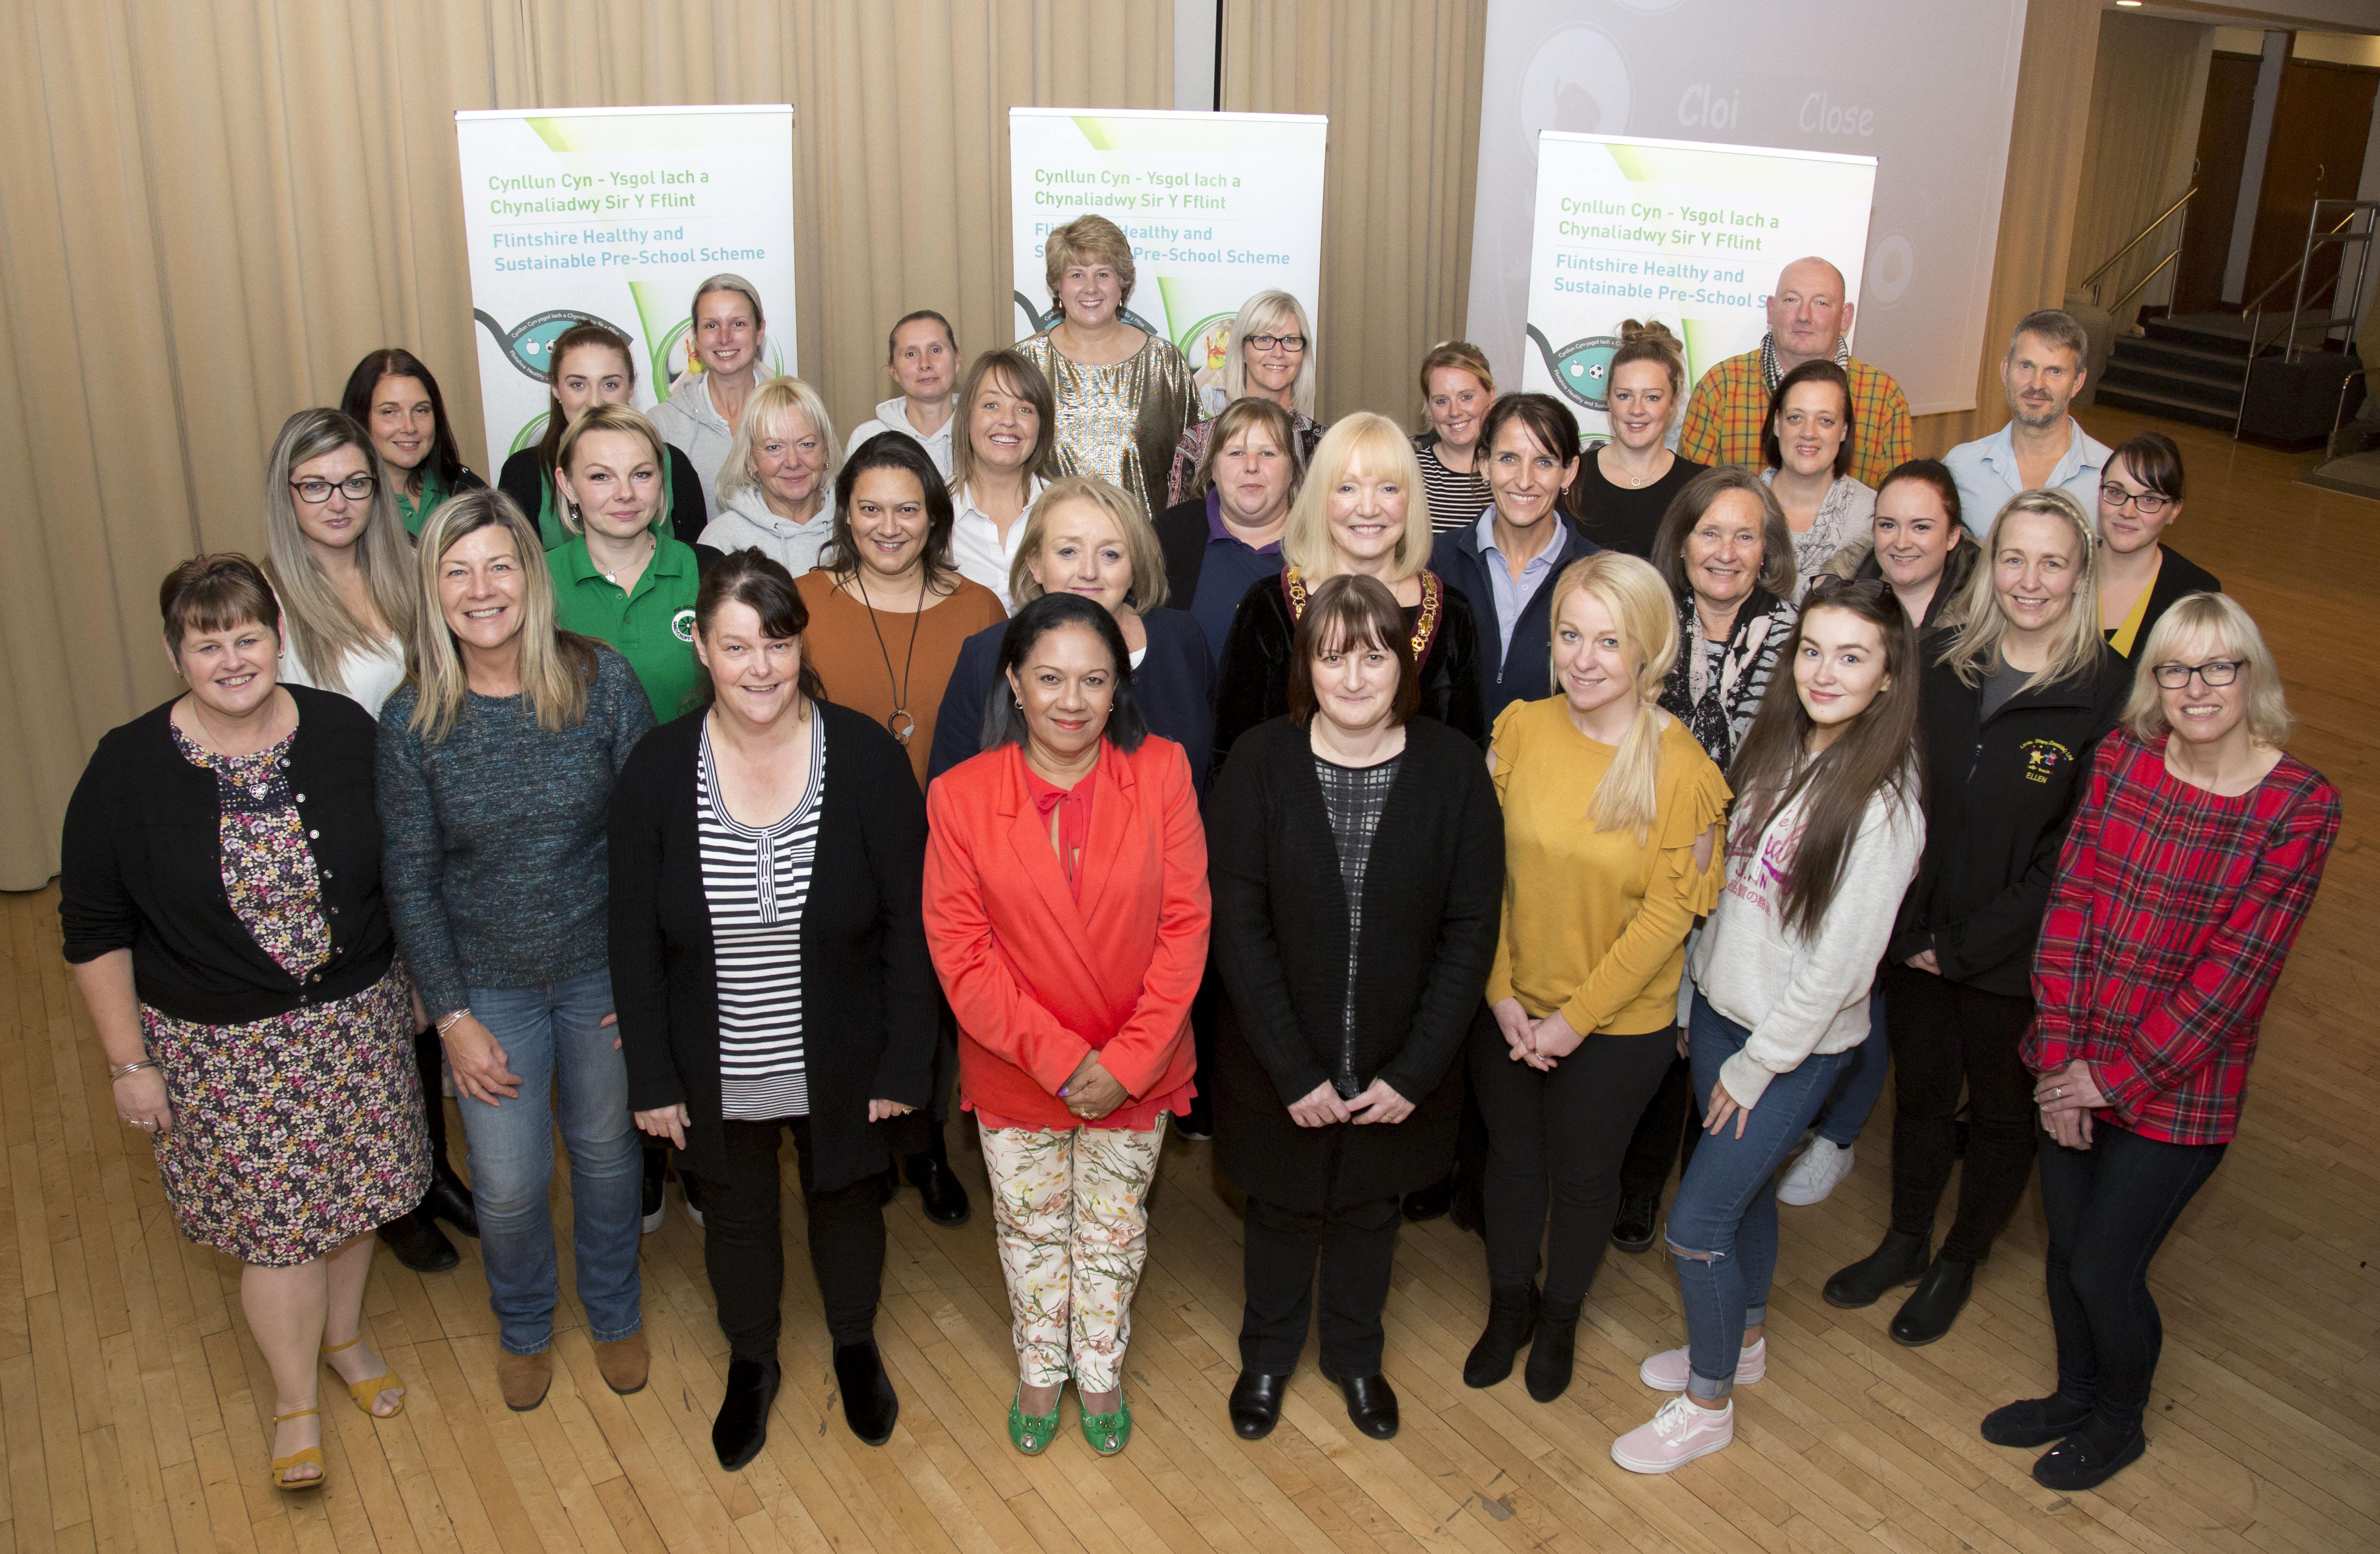 Flintshire Healthy Pre School Awards 12.jpg